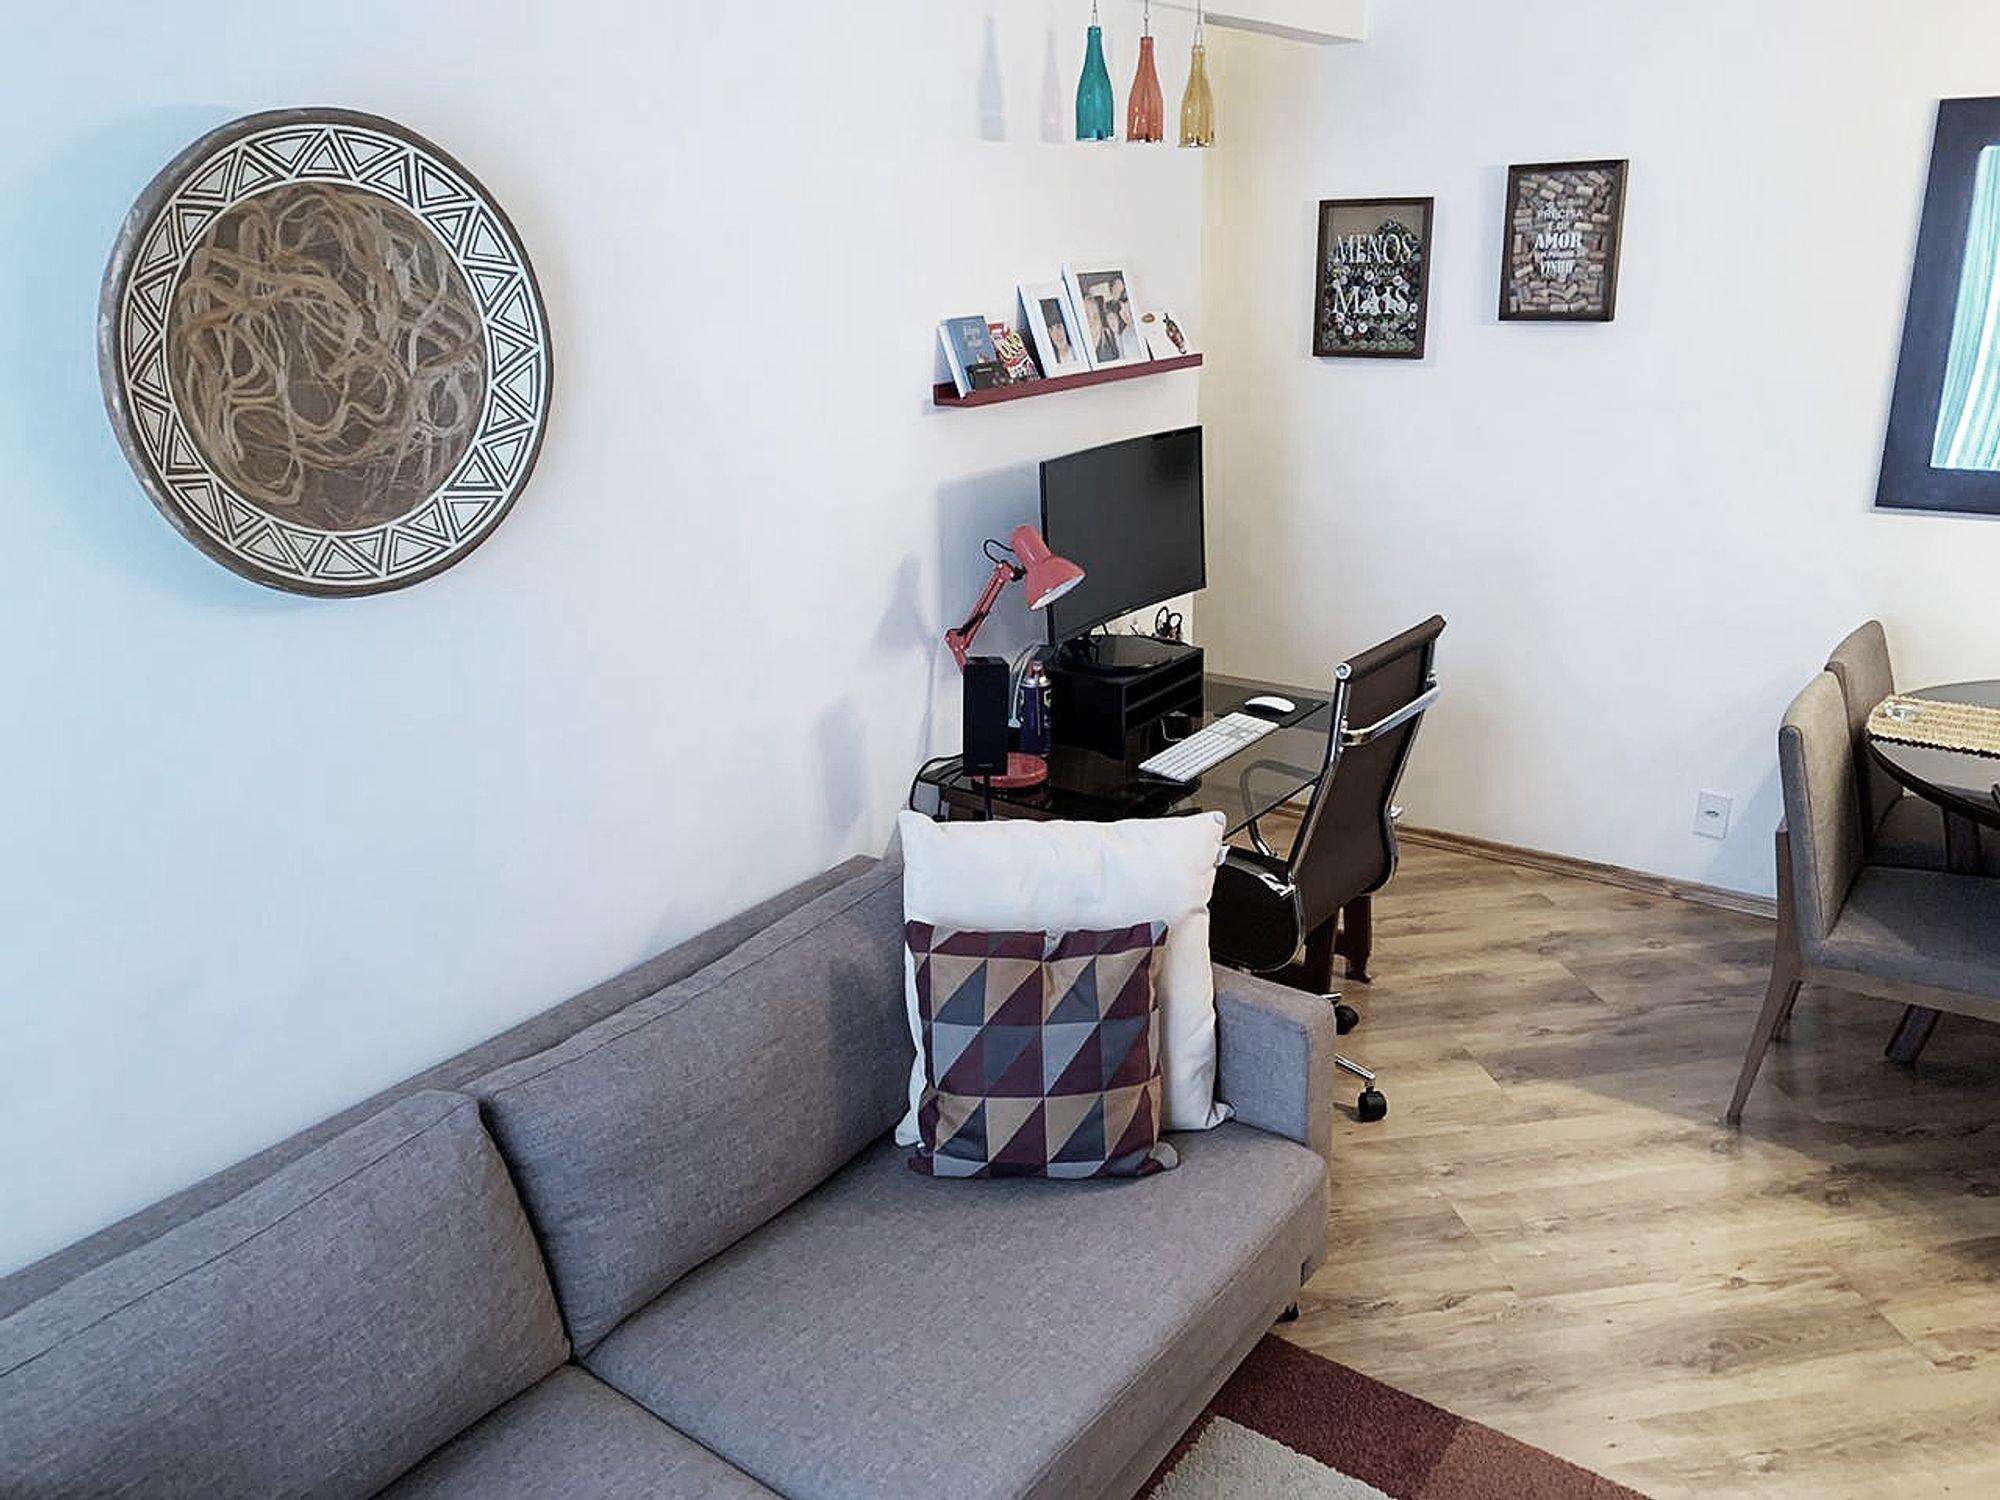 Foto de Sala com teclado, sofá, televisão, garrafa, cadeira, livro